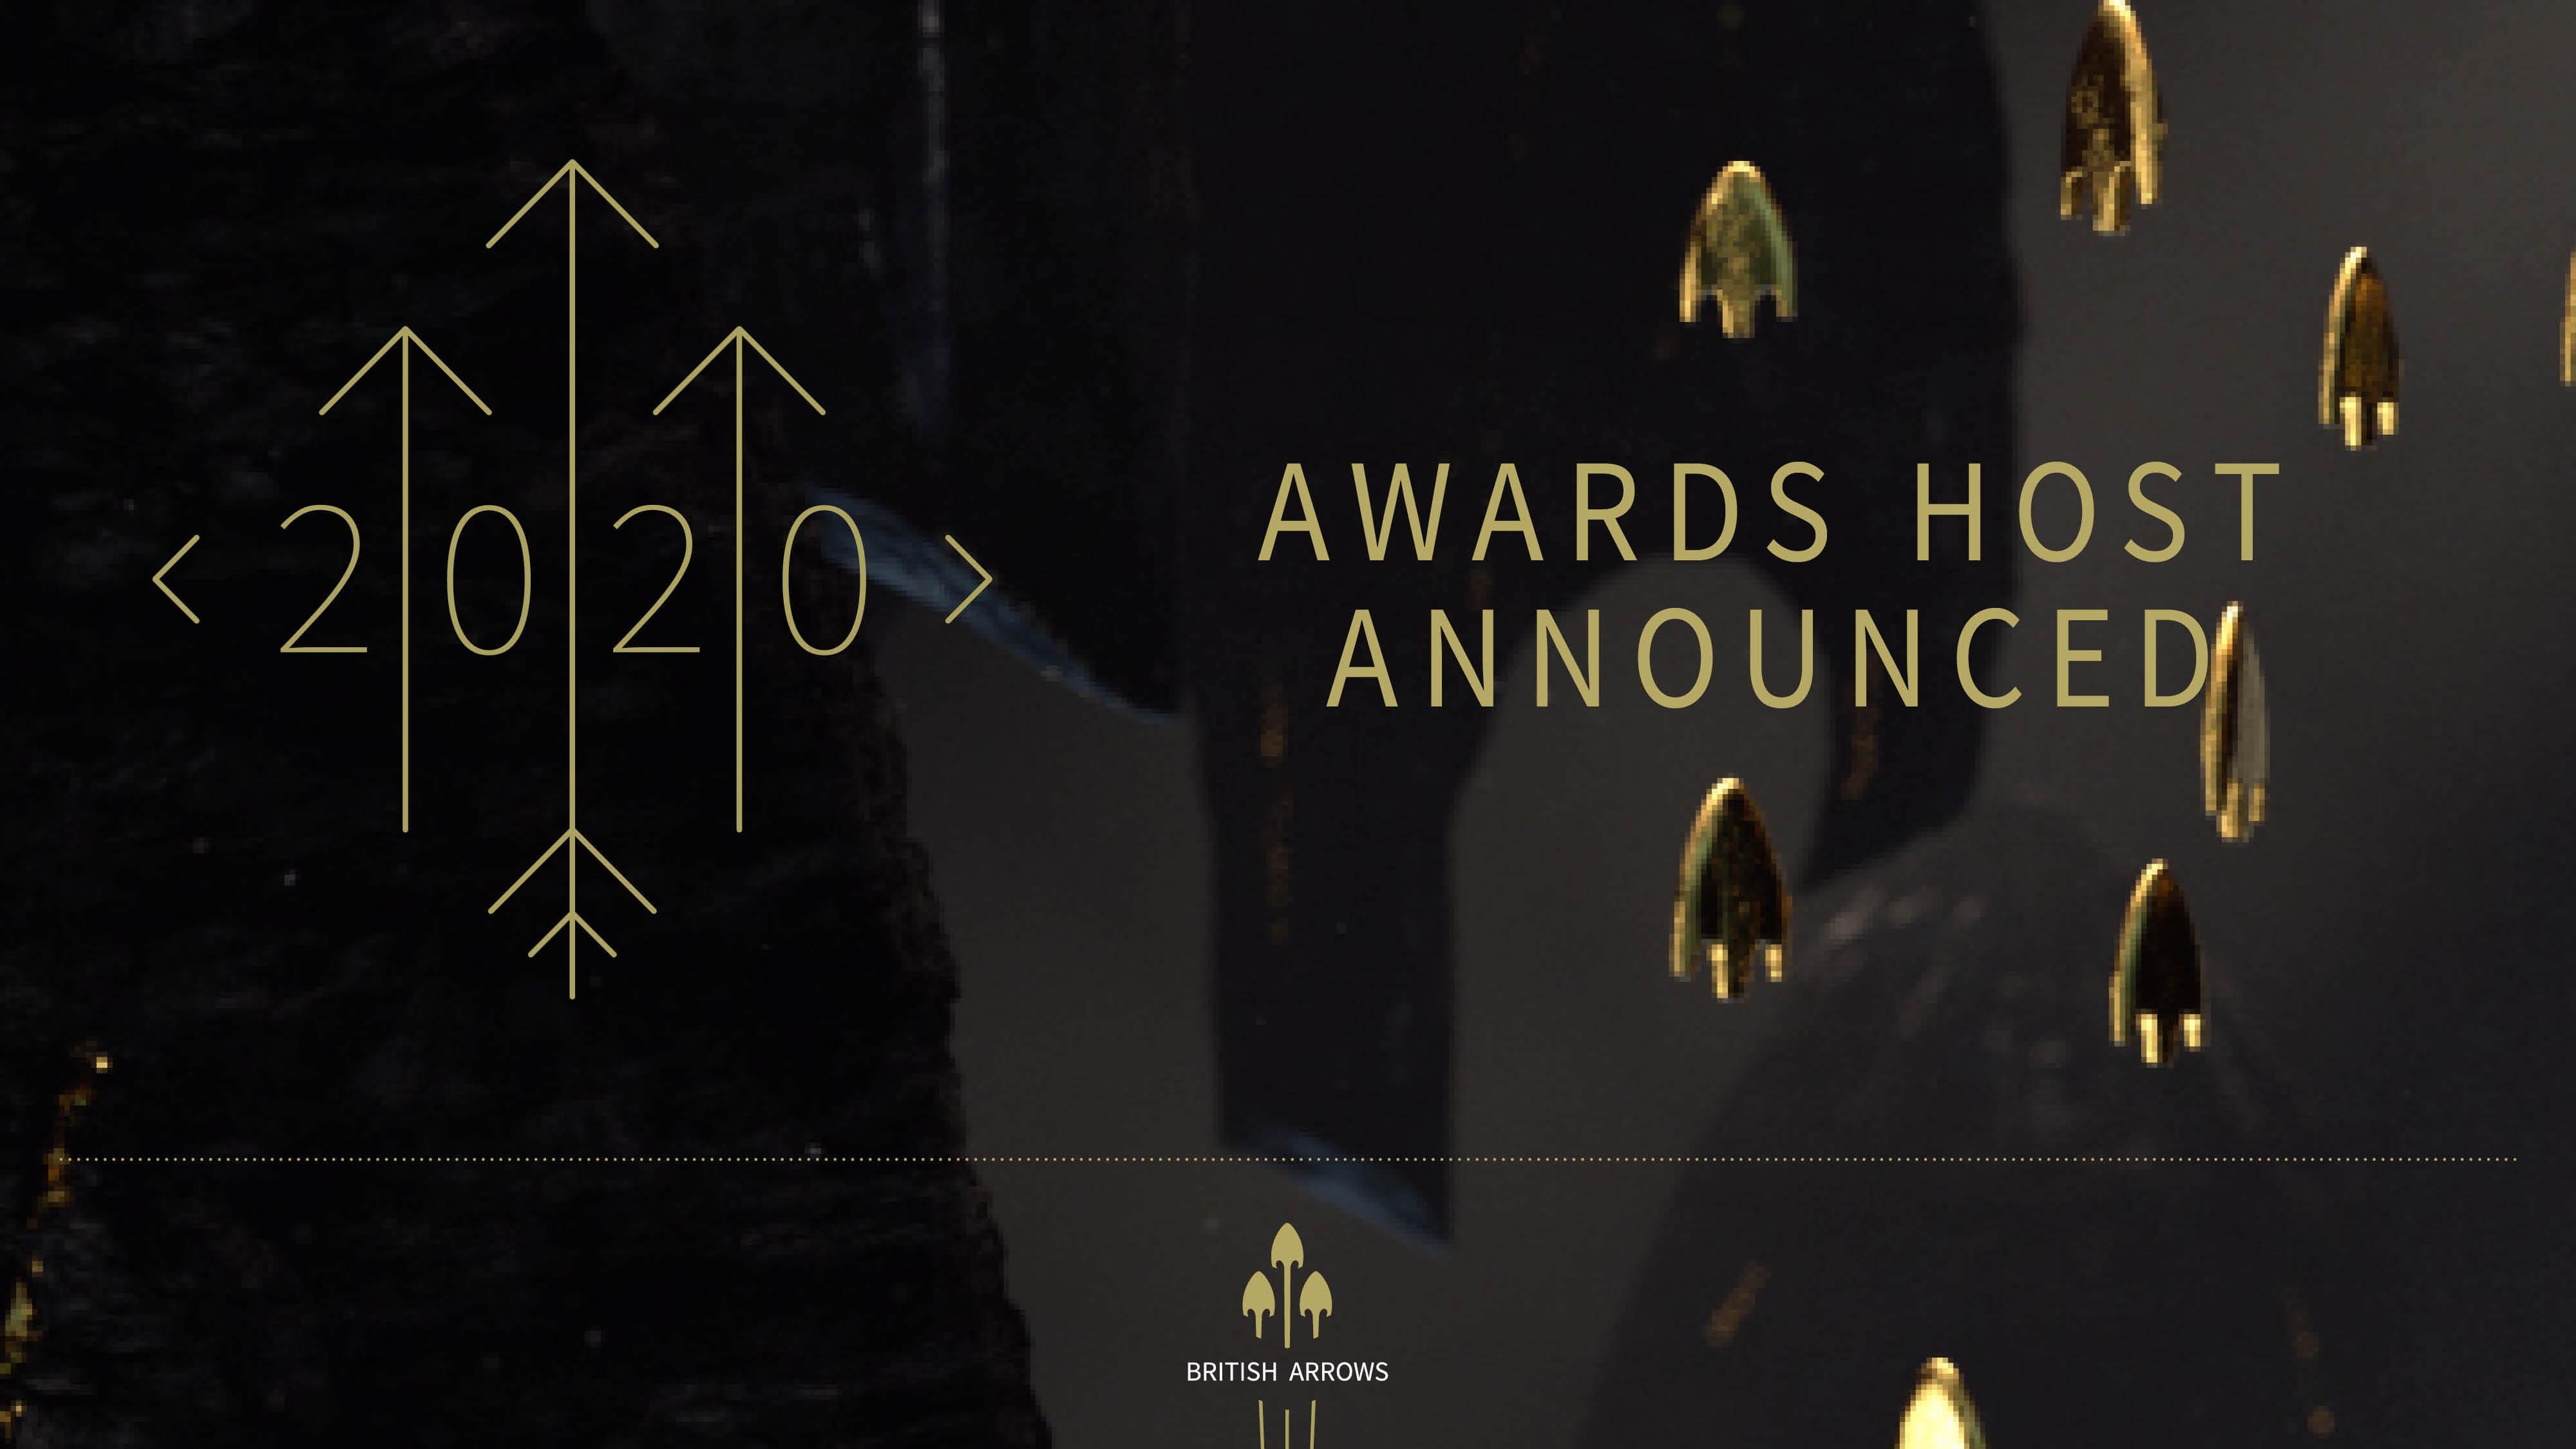 host announced